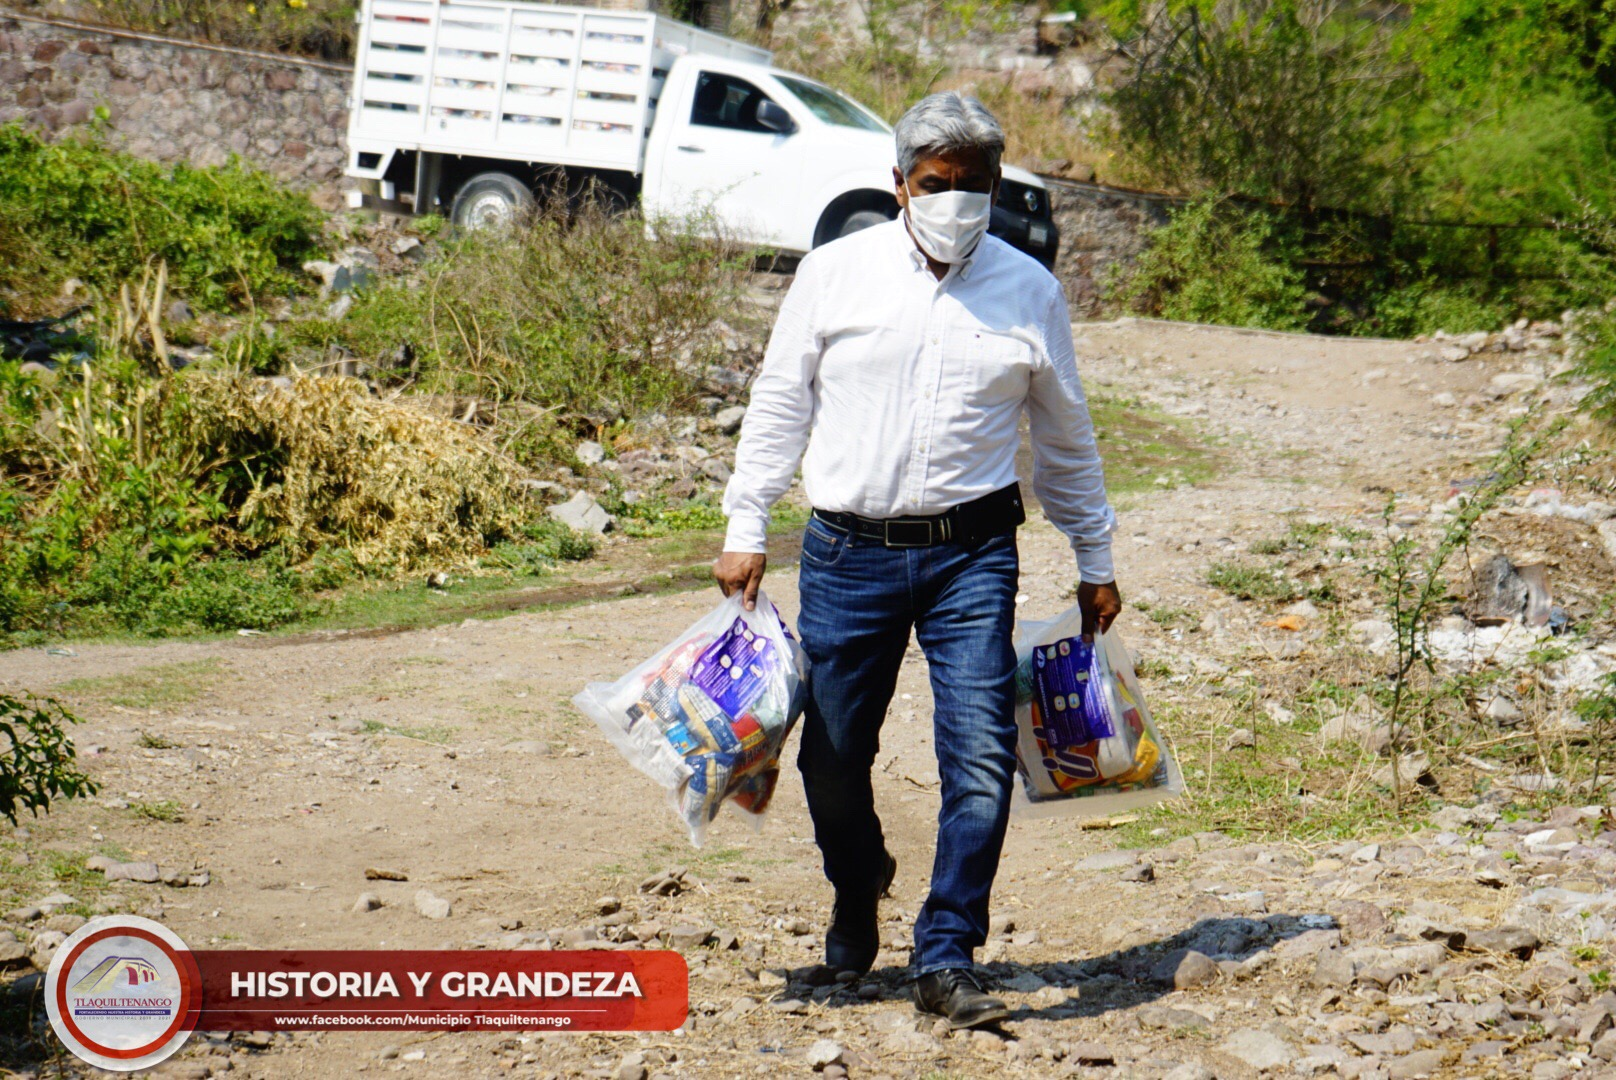 Encabeza El Profe Jorge Maldonado El Inicio De La Entrega De Despensas En Las Comunidades De Tlaquiltenango